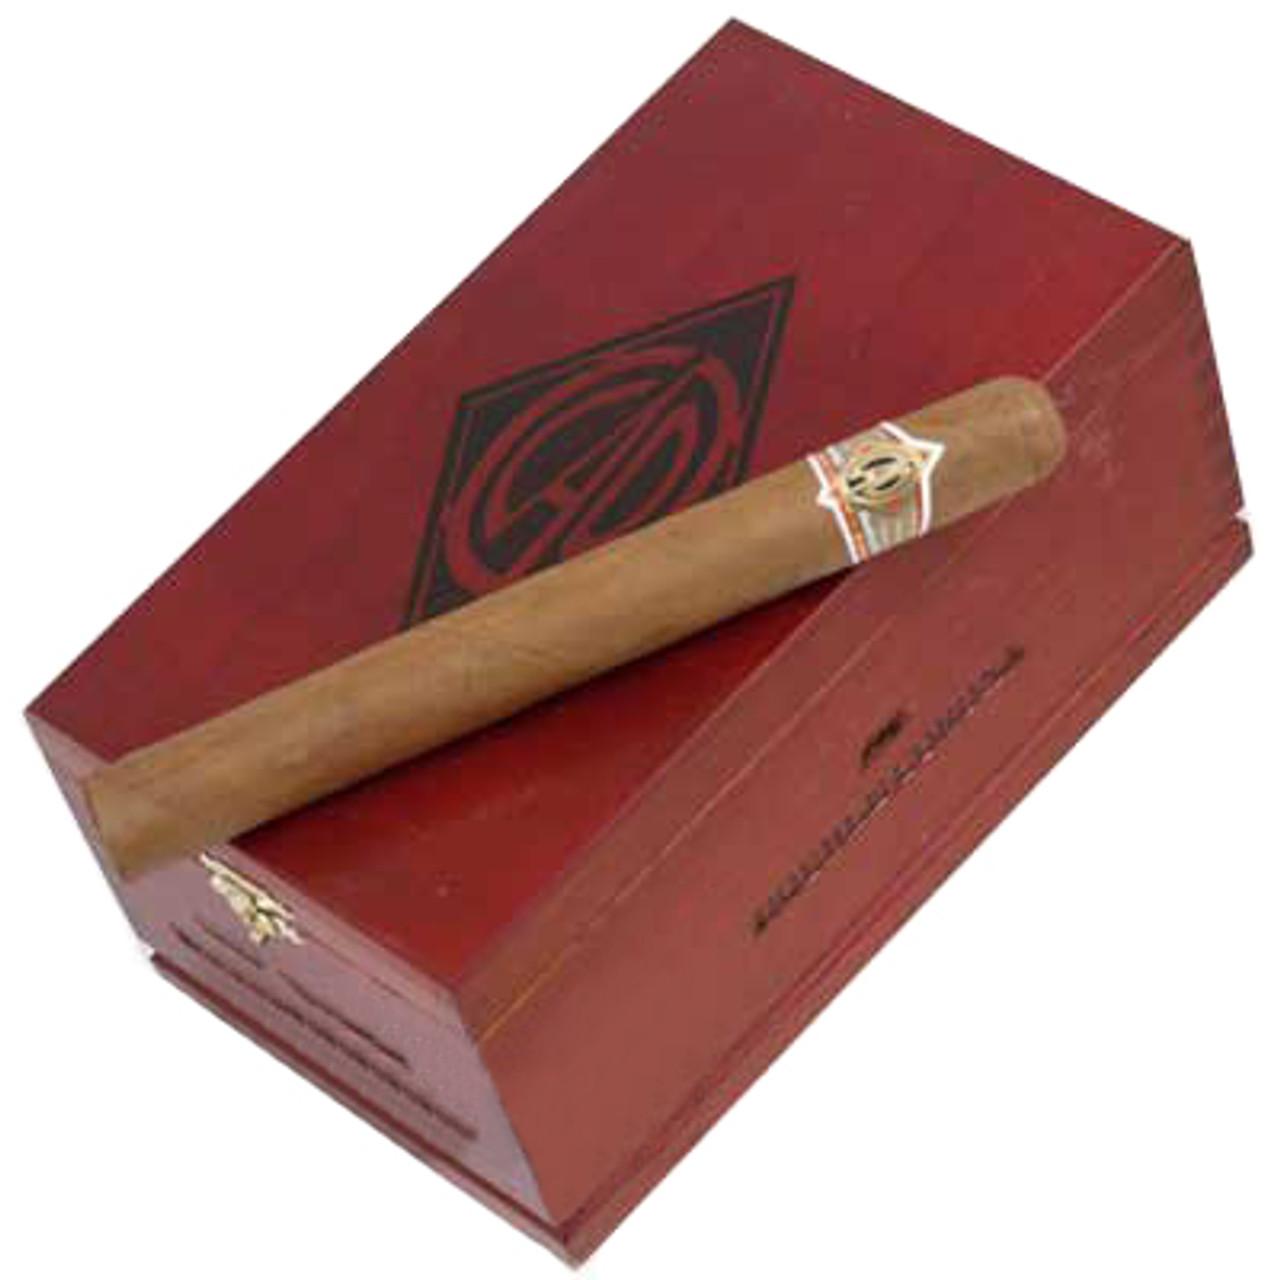 CAO Gold Double Corona Cigars - 7 1/2 x 54 (Box of 20)